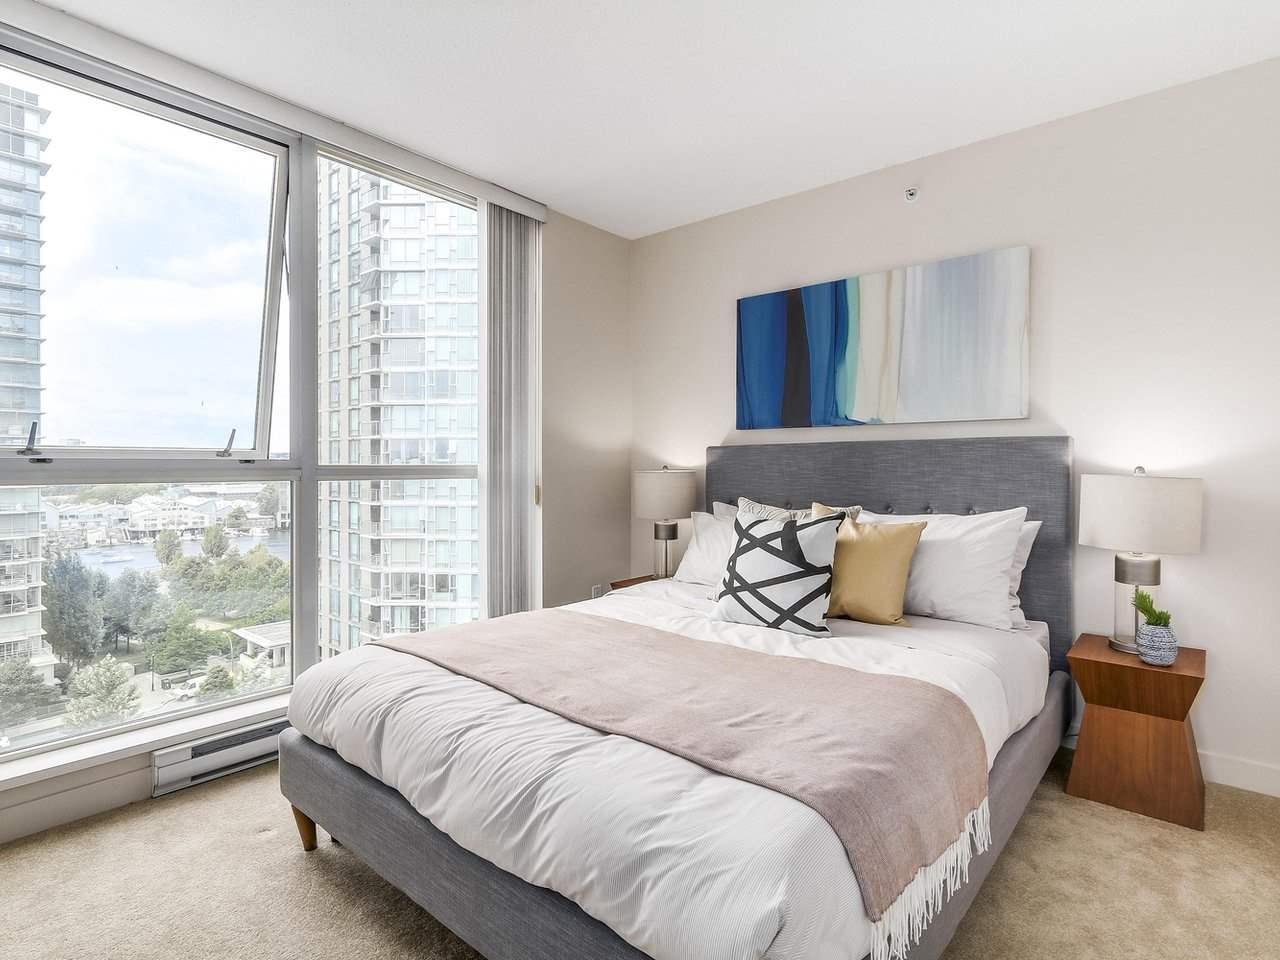 Condo Apartment at 1102 1408 STRATHMORE MEWS, Unit 1102, Vancouver West, British Columbia. Image 10